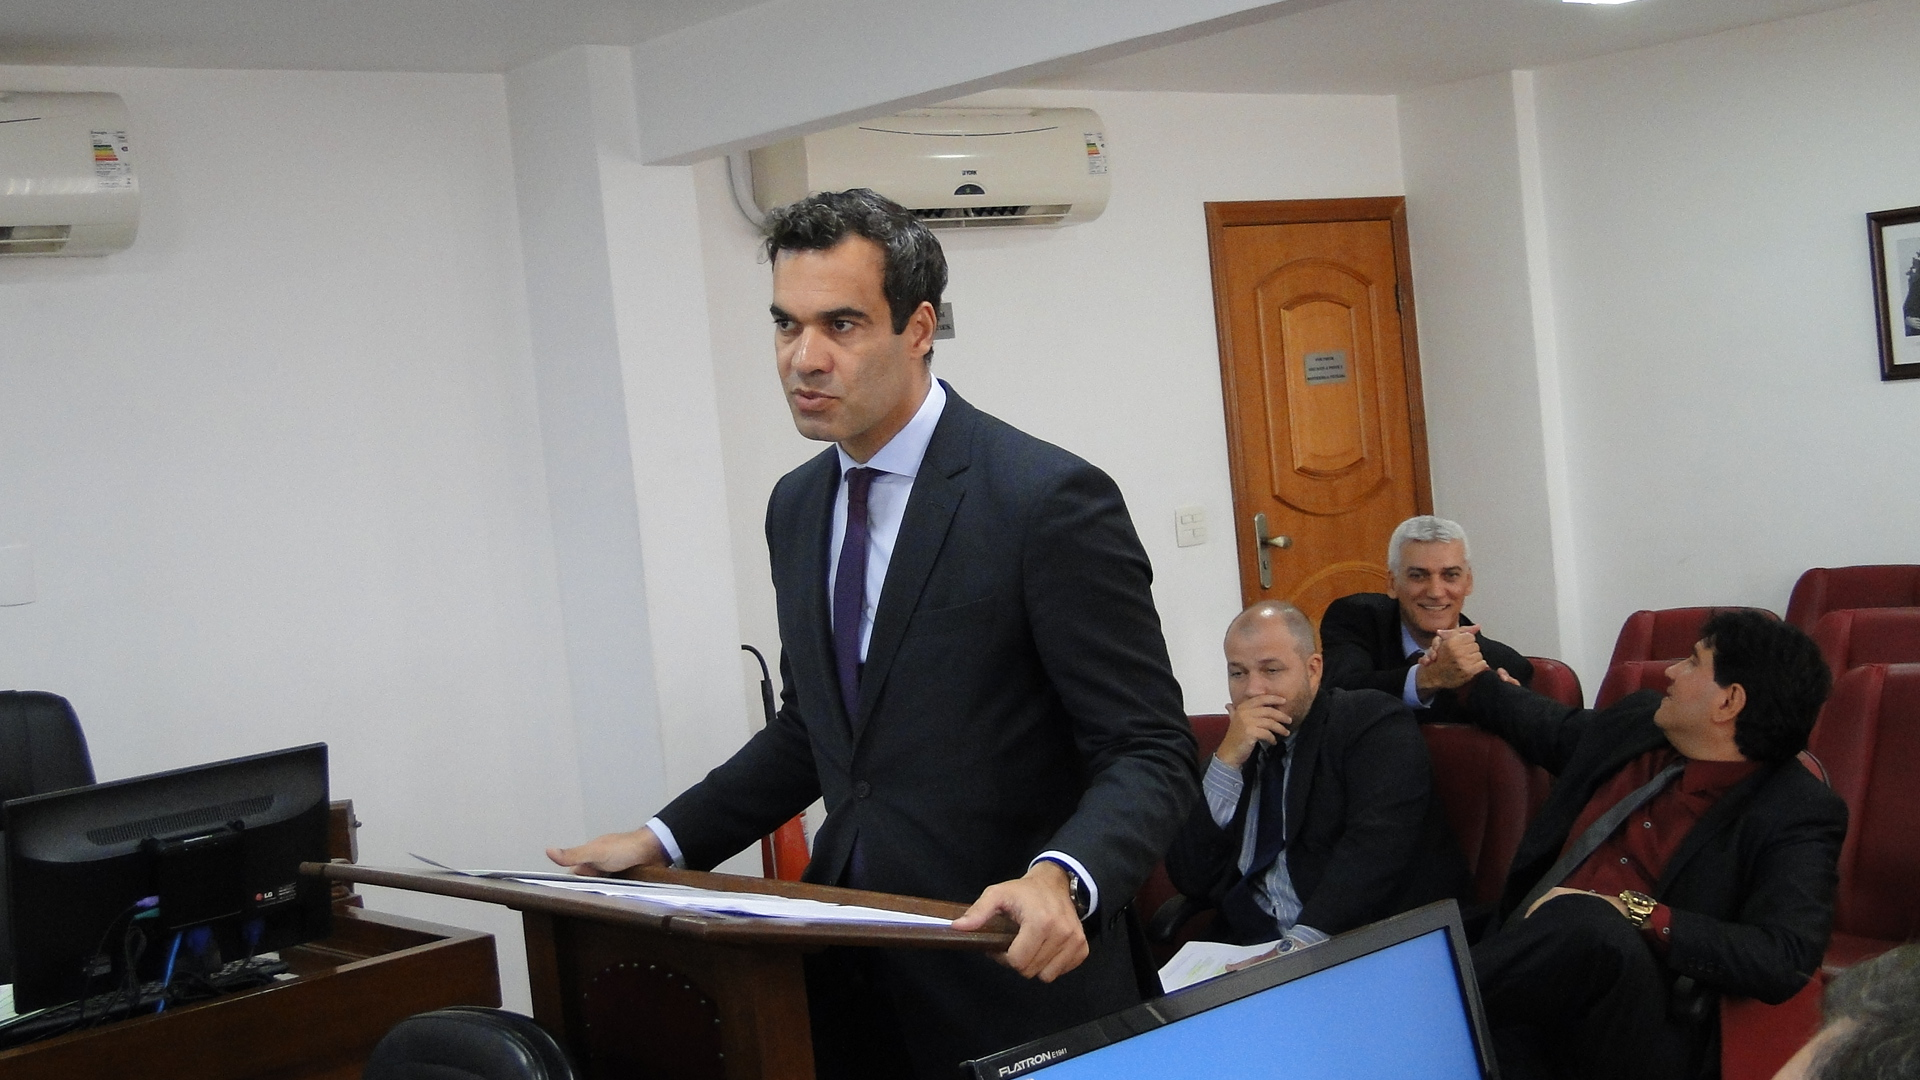 Primeira Comissão absolve Vinicius Júnior